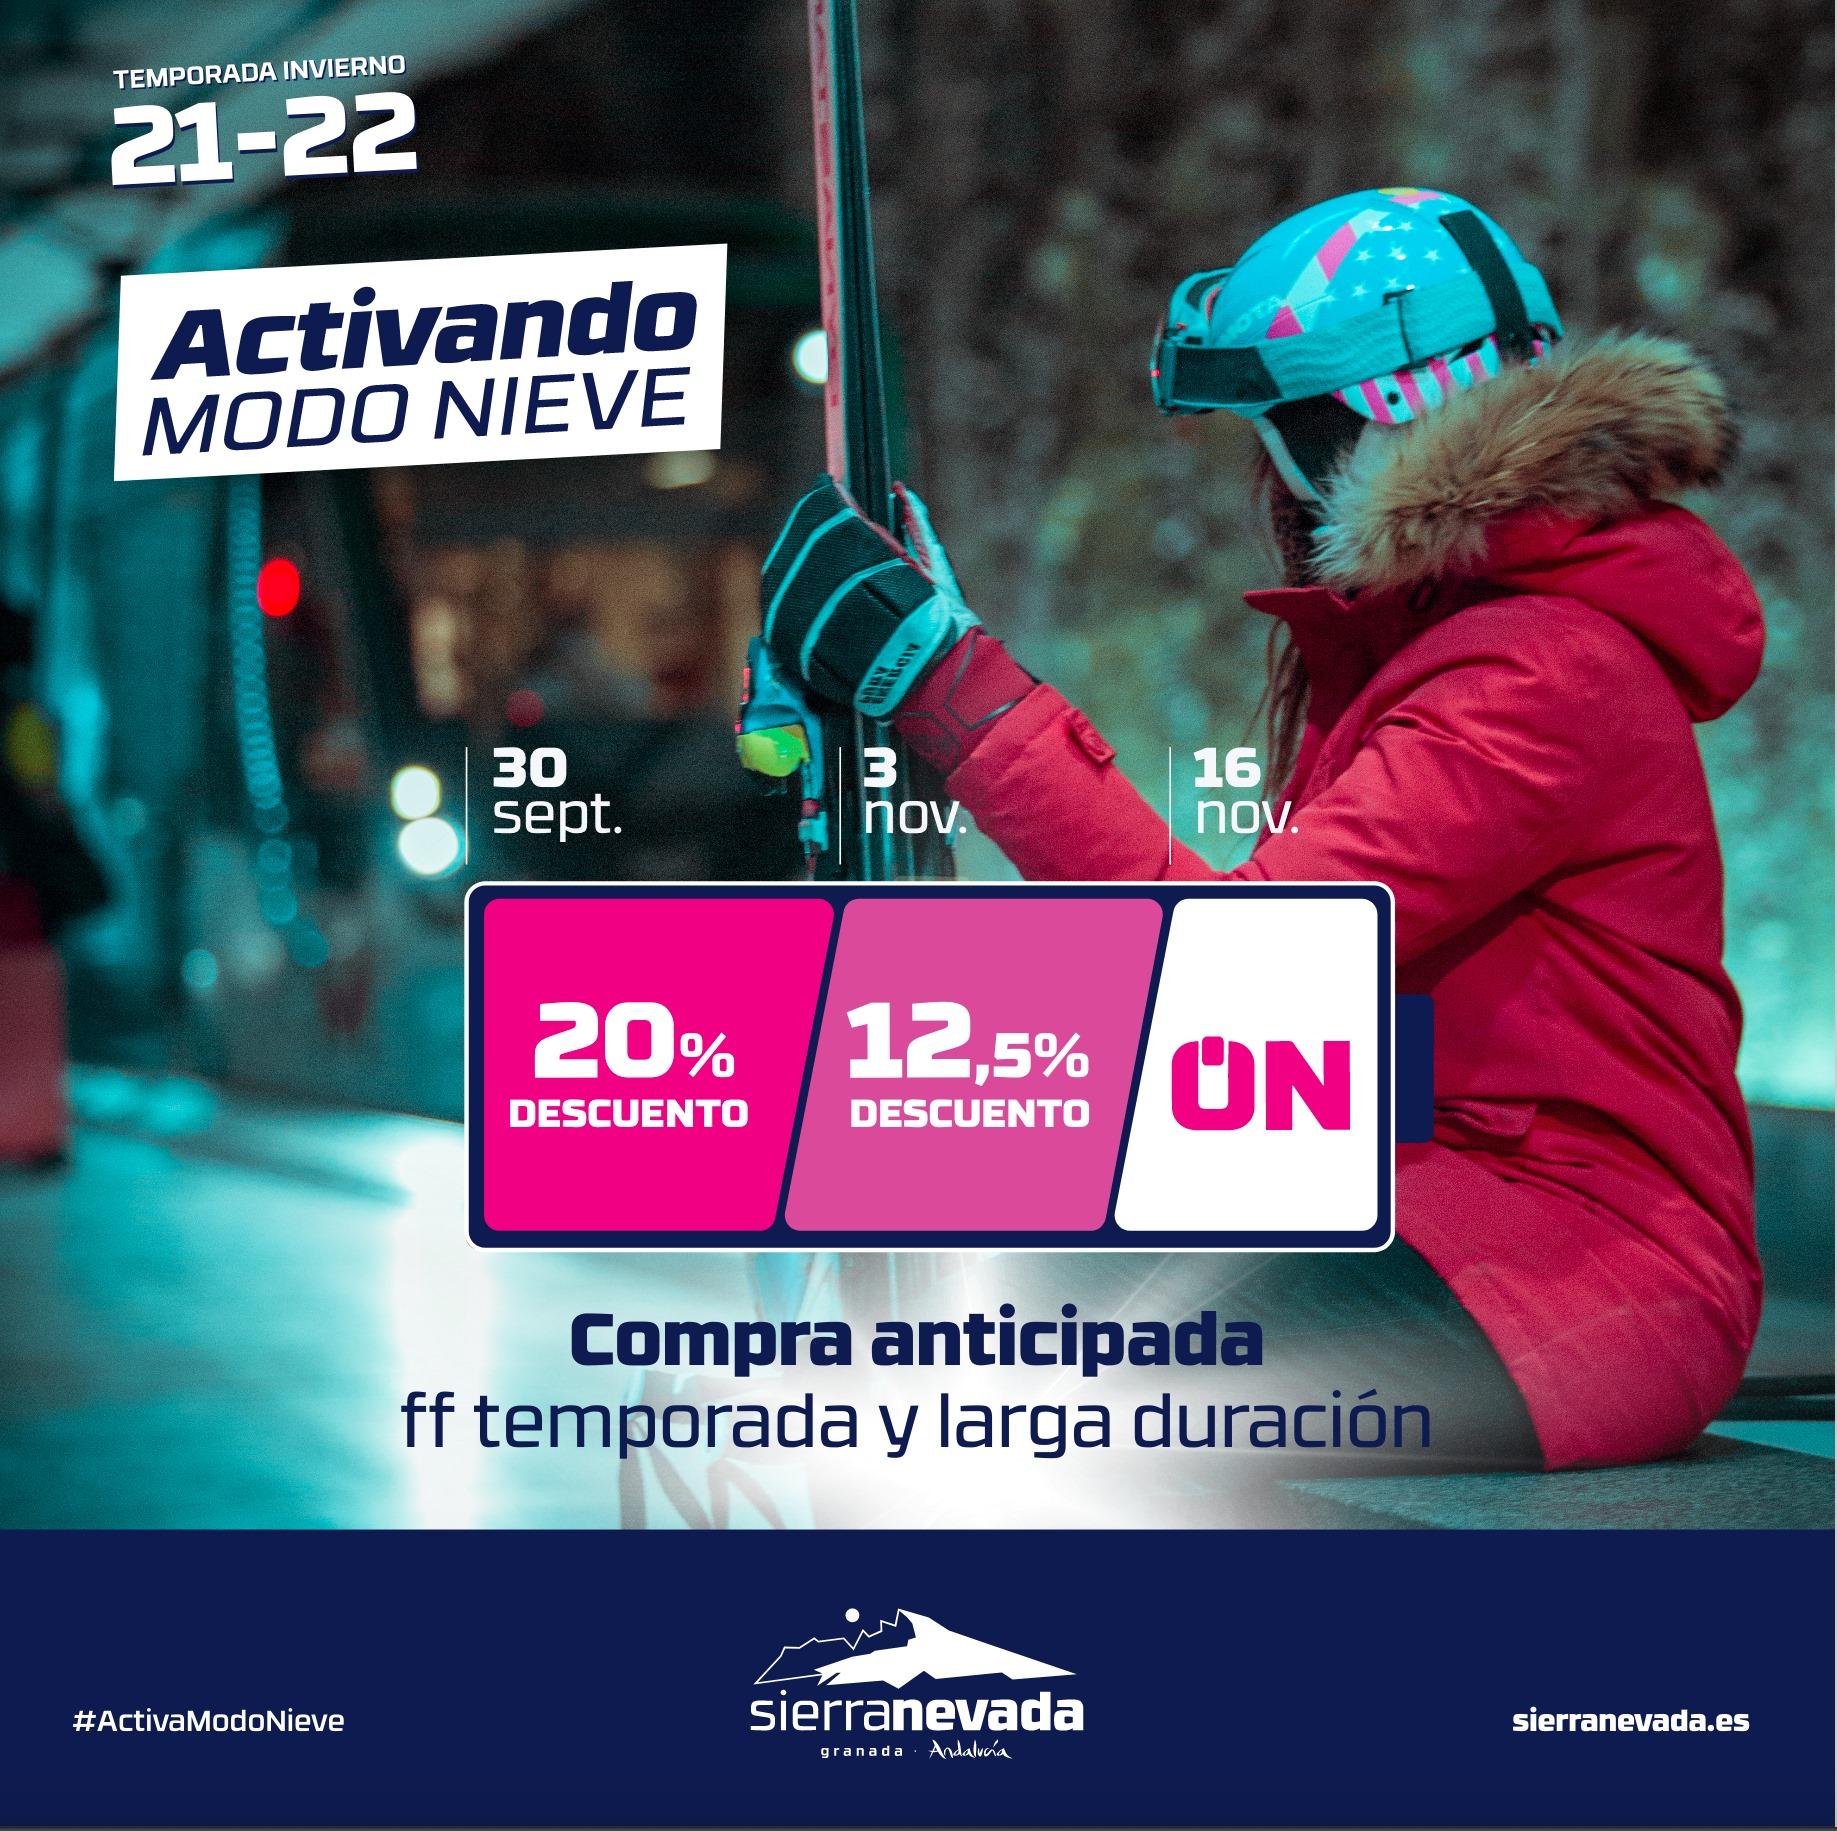 !Activando modo nieve¡ Campaña de compra anticipada de forfaits